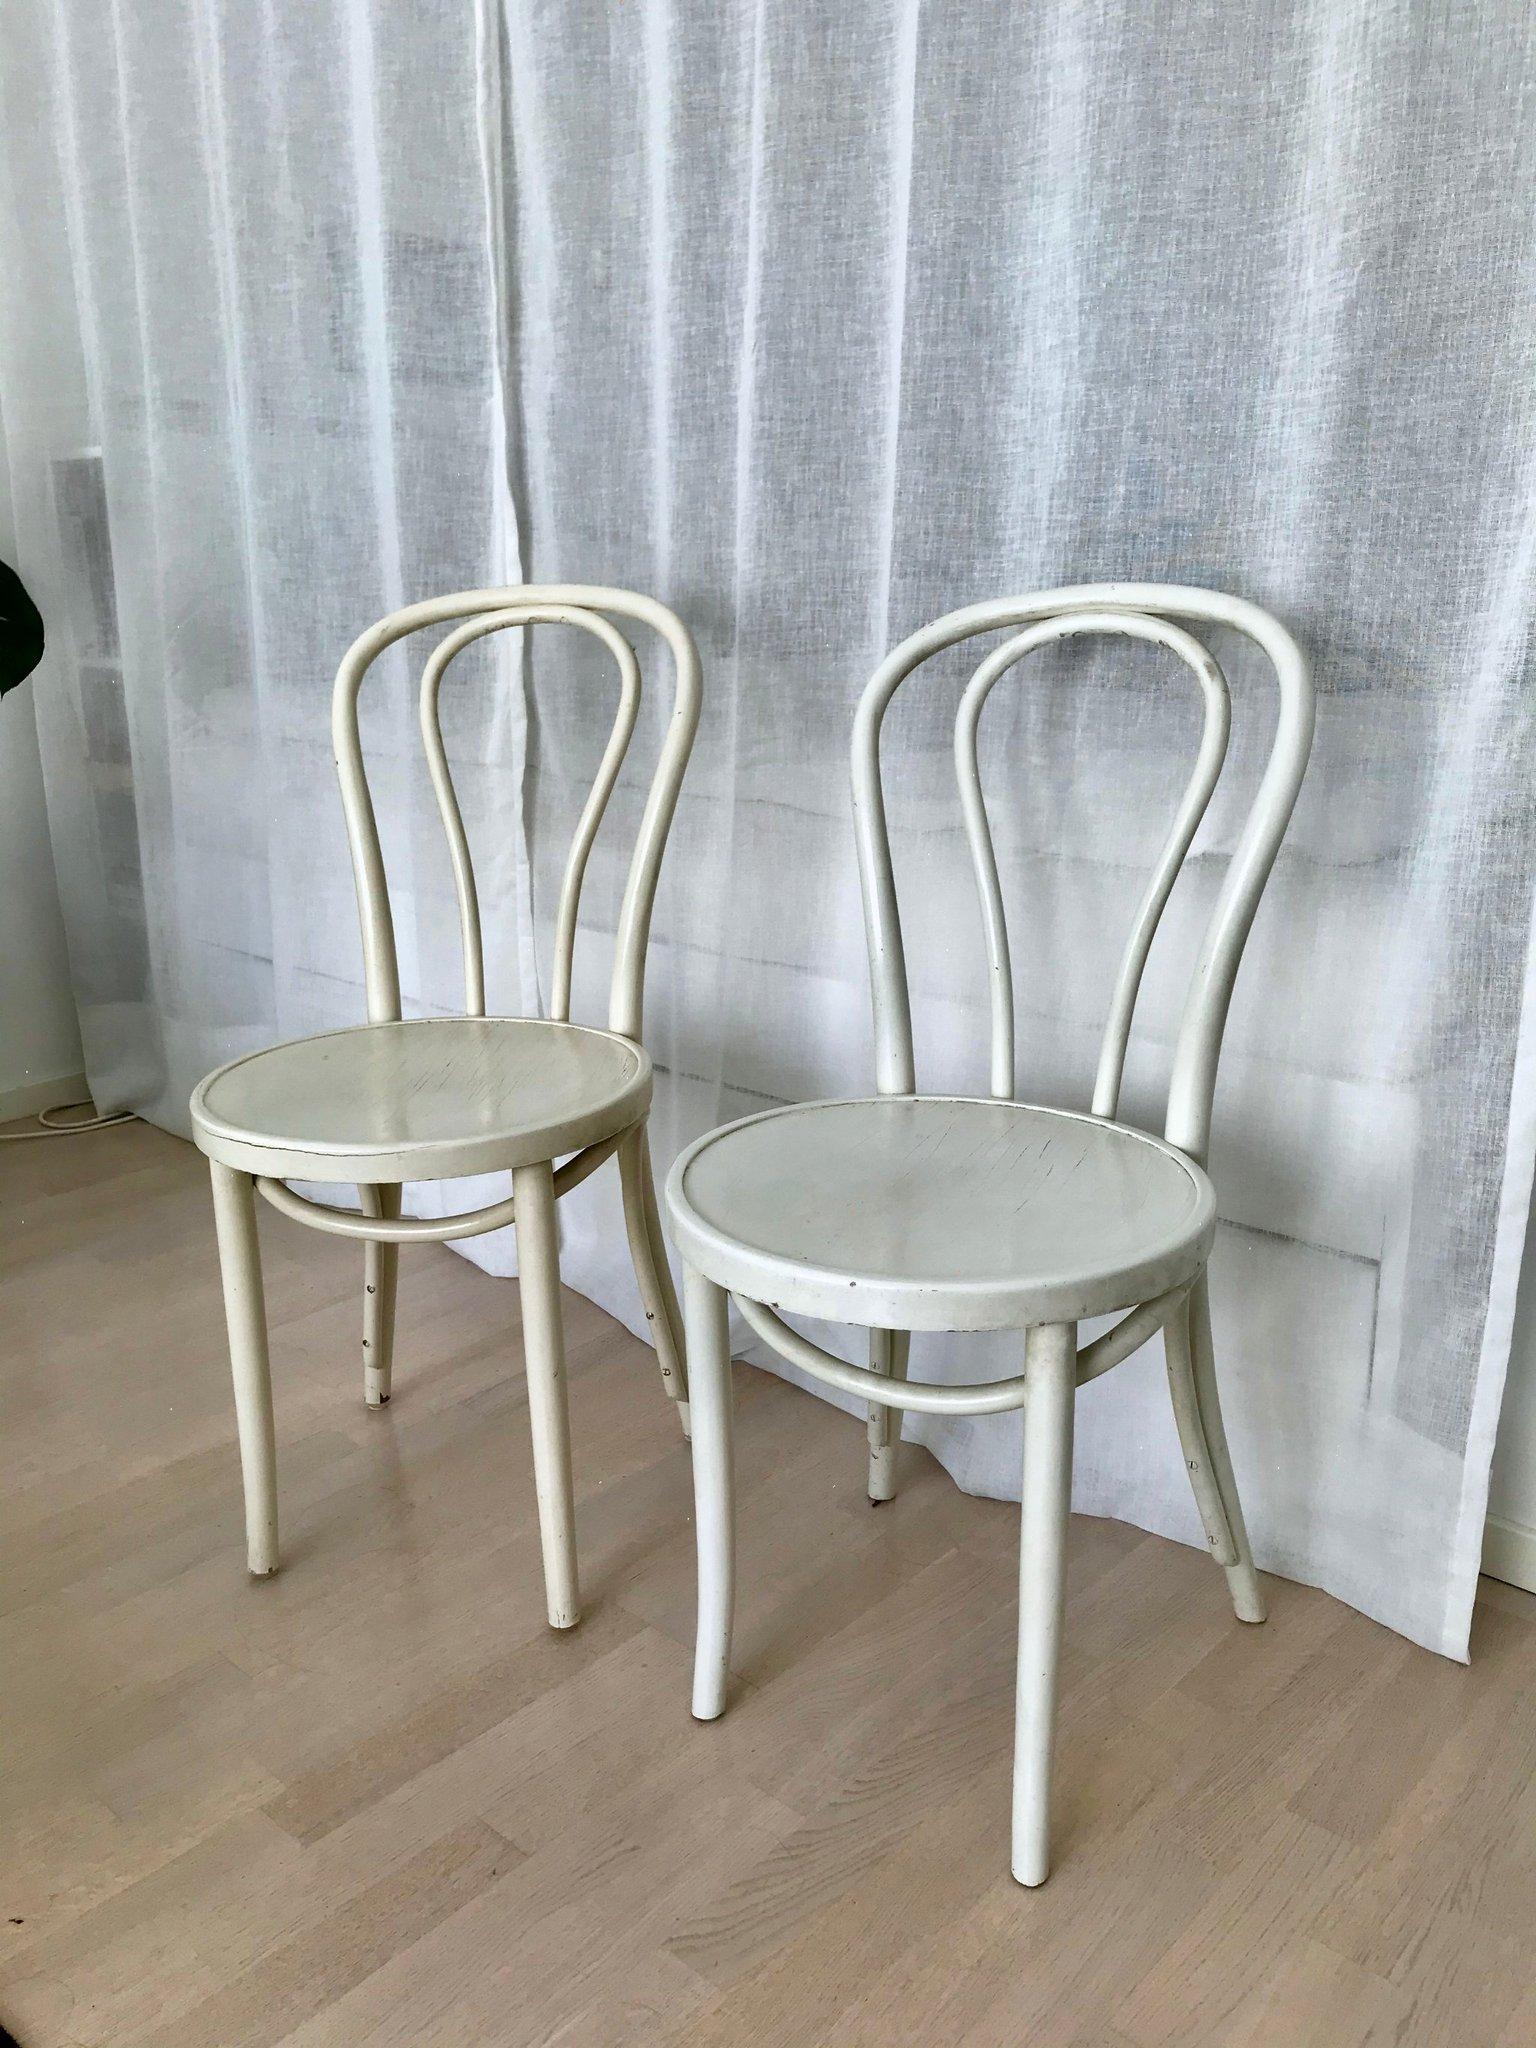 2 st Vintage stolar Öglan i trä 60 tal Gillis Lundgren IKEA trästolar